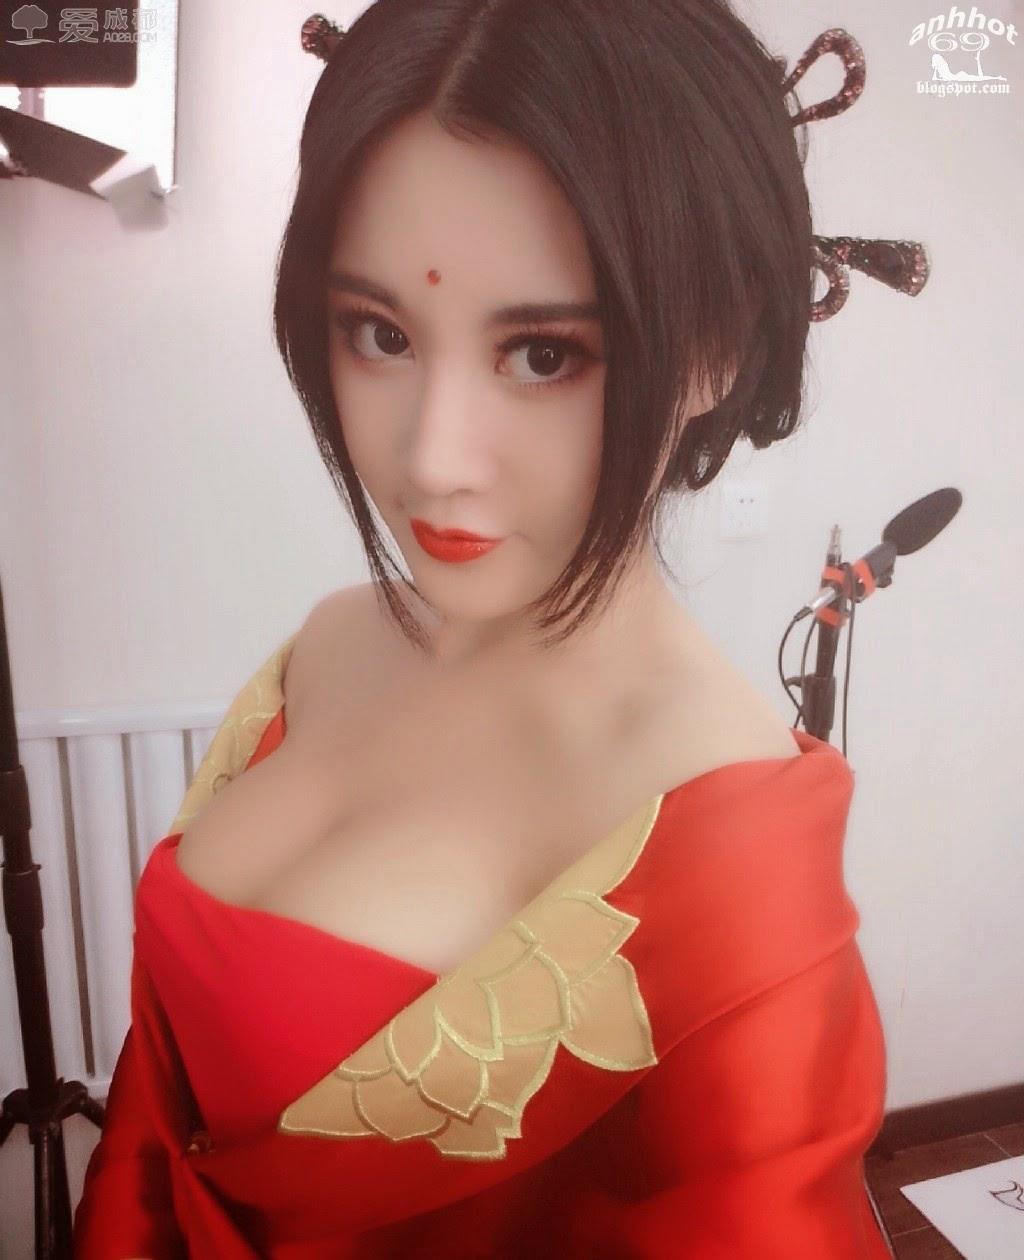 Fan-Ling_104927tgt68n969jmtgjkw